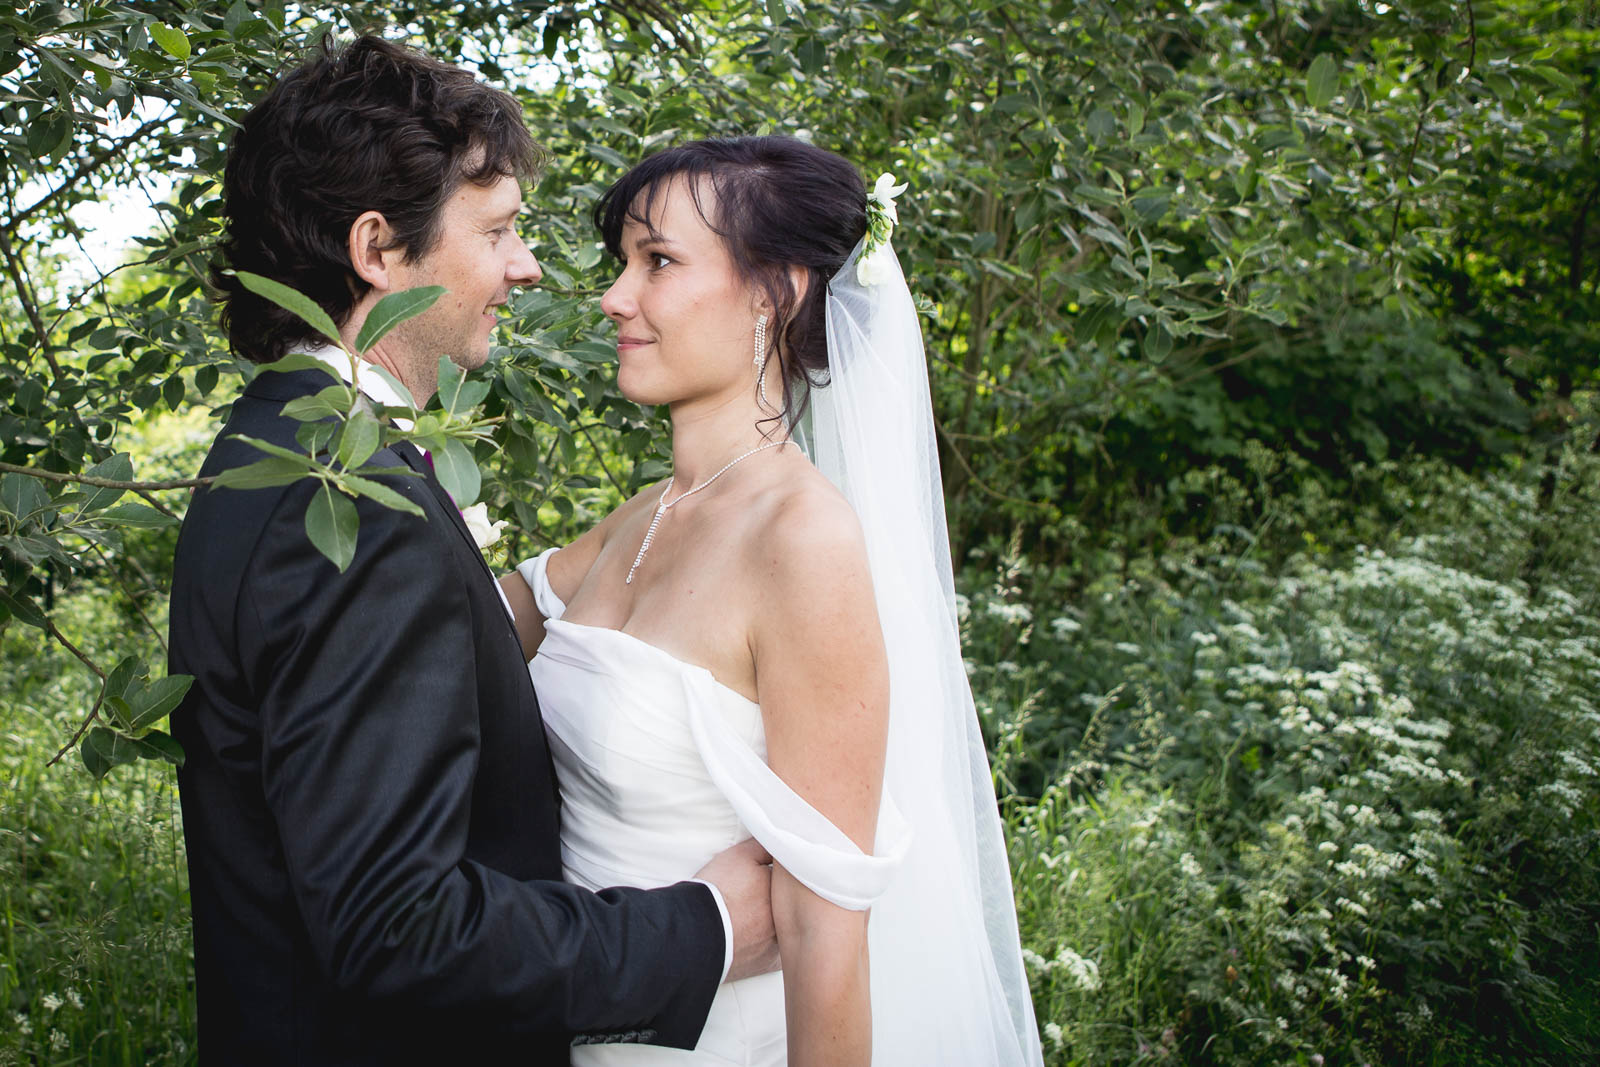 Svatební-fotografie-Mirka-a-Petr-svatební-fotograf- svatebni-kameraman-studio-Beautyfoto-Jižní-Čechy-Zvíkov-Orlík-svatební-video beautyfoto-79